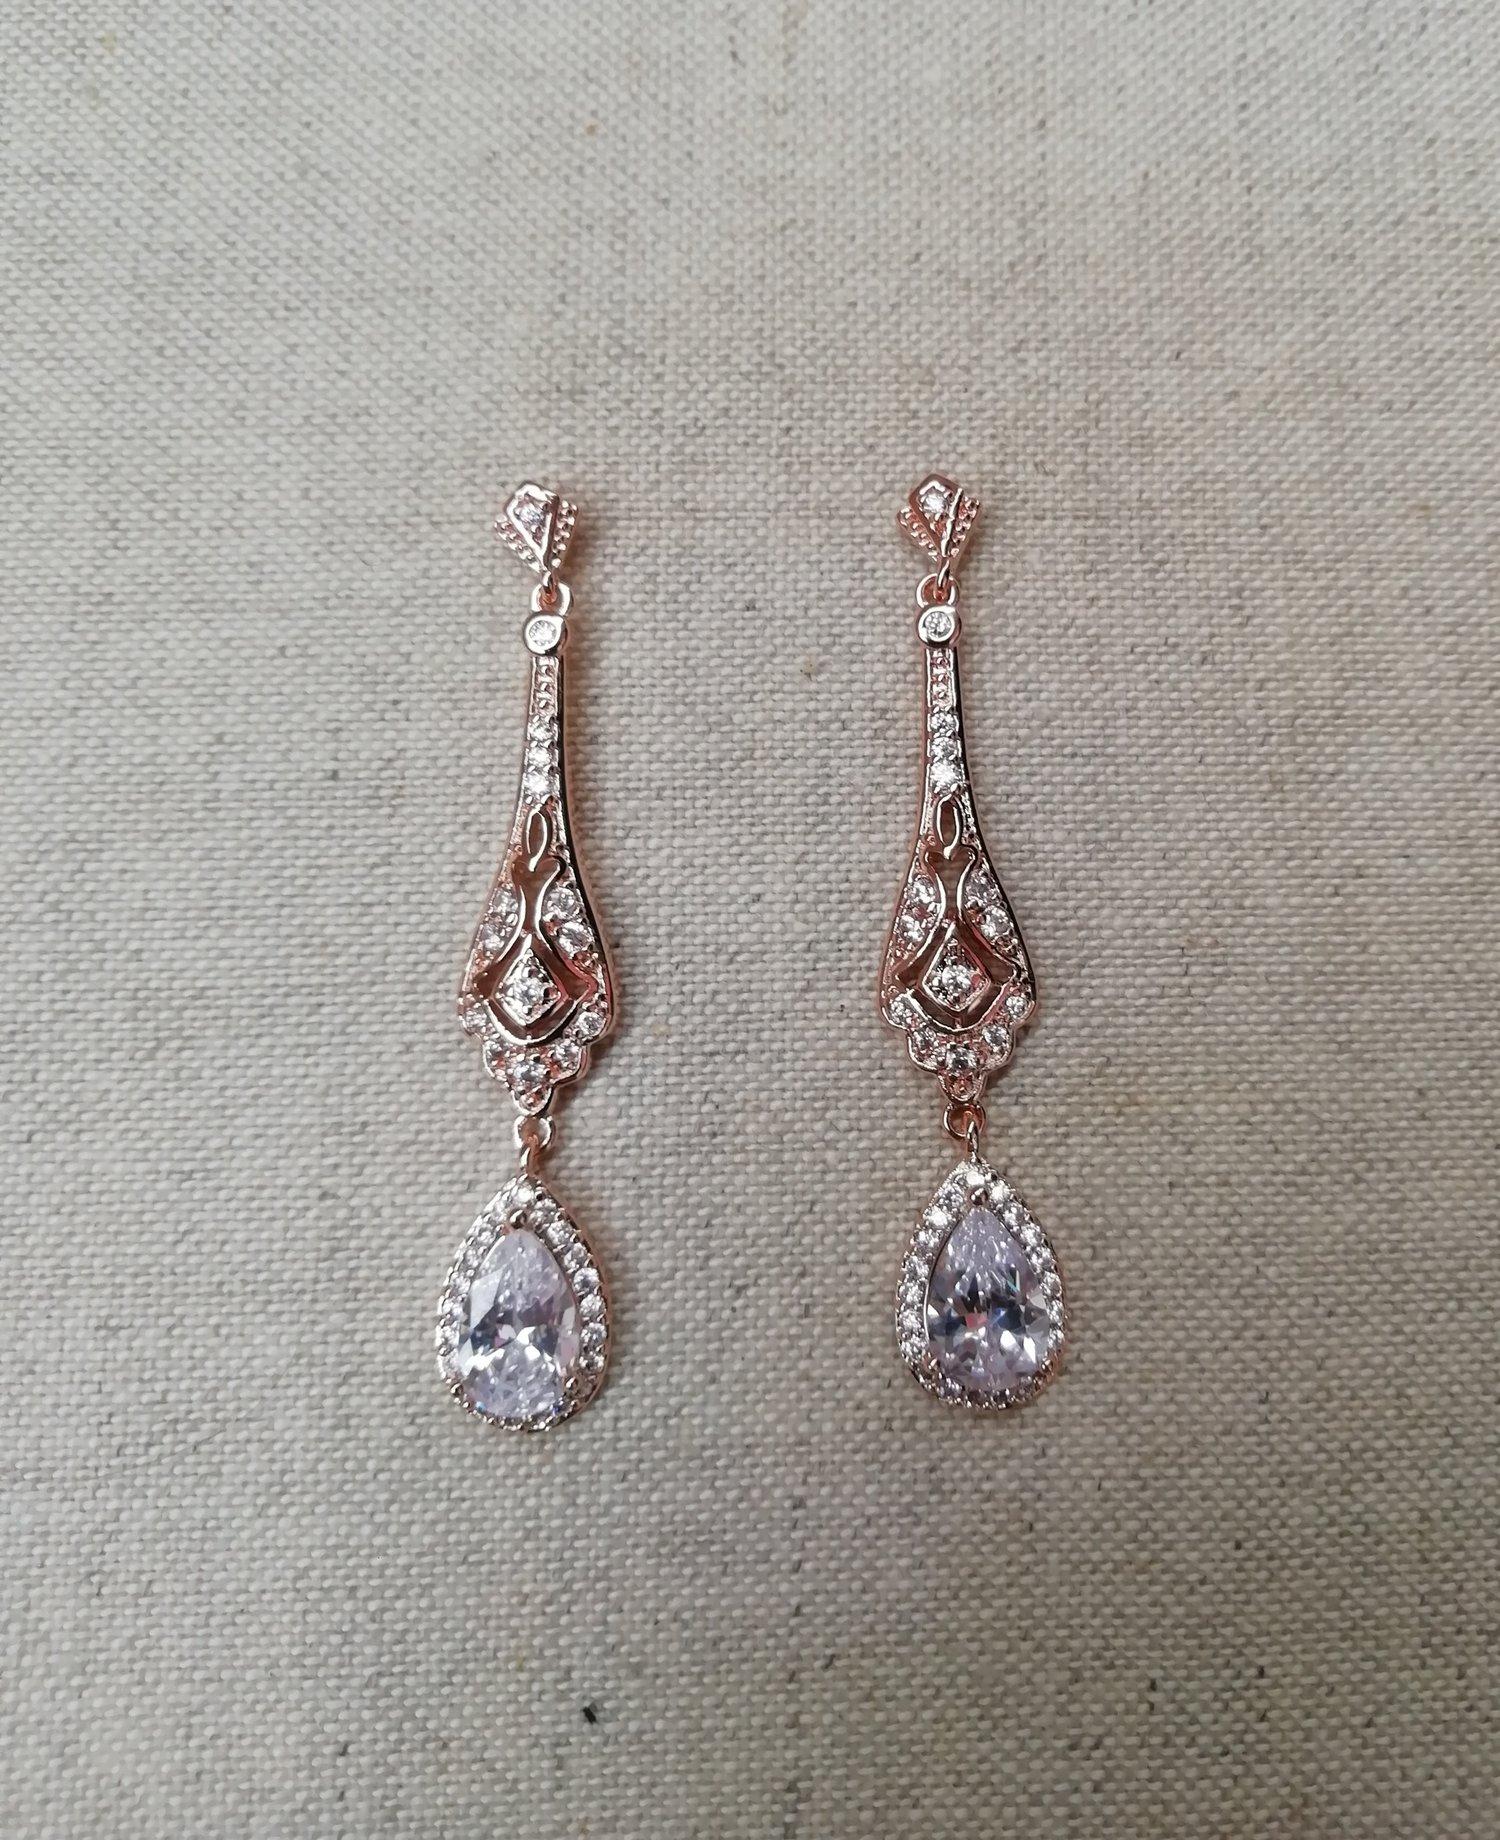 Wedding Rose Gold Earrings Wedding Earrings Zircon Bridal Earrings Bridesmaid Style128 Mes Petites Dentelles